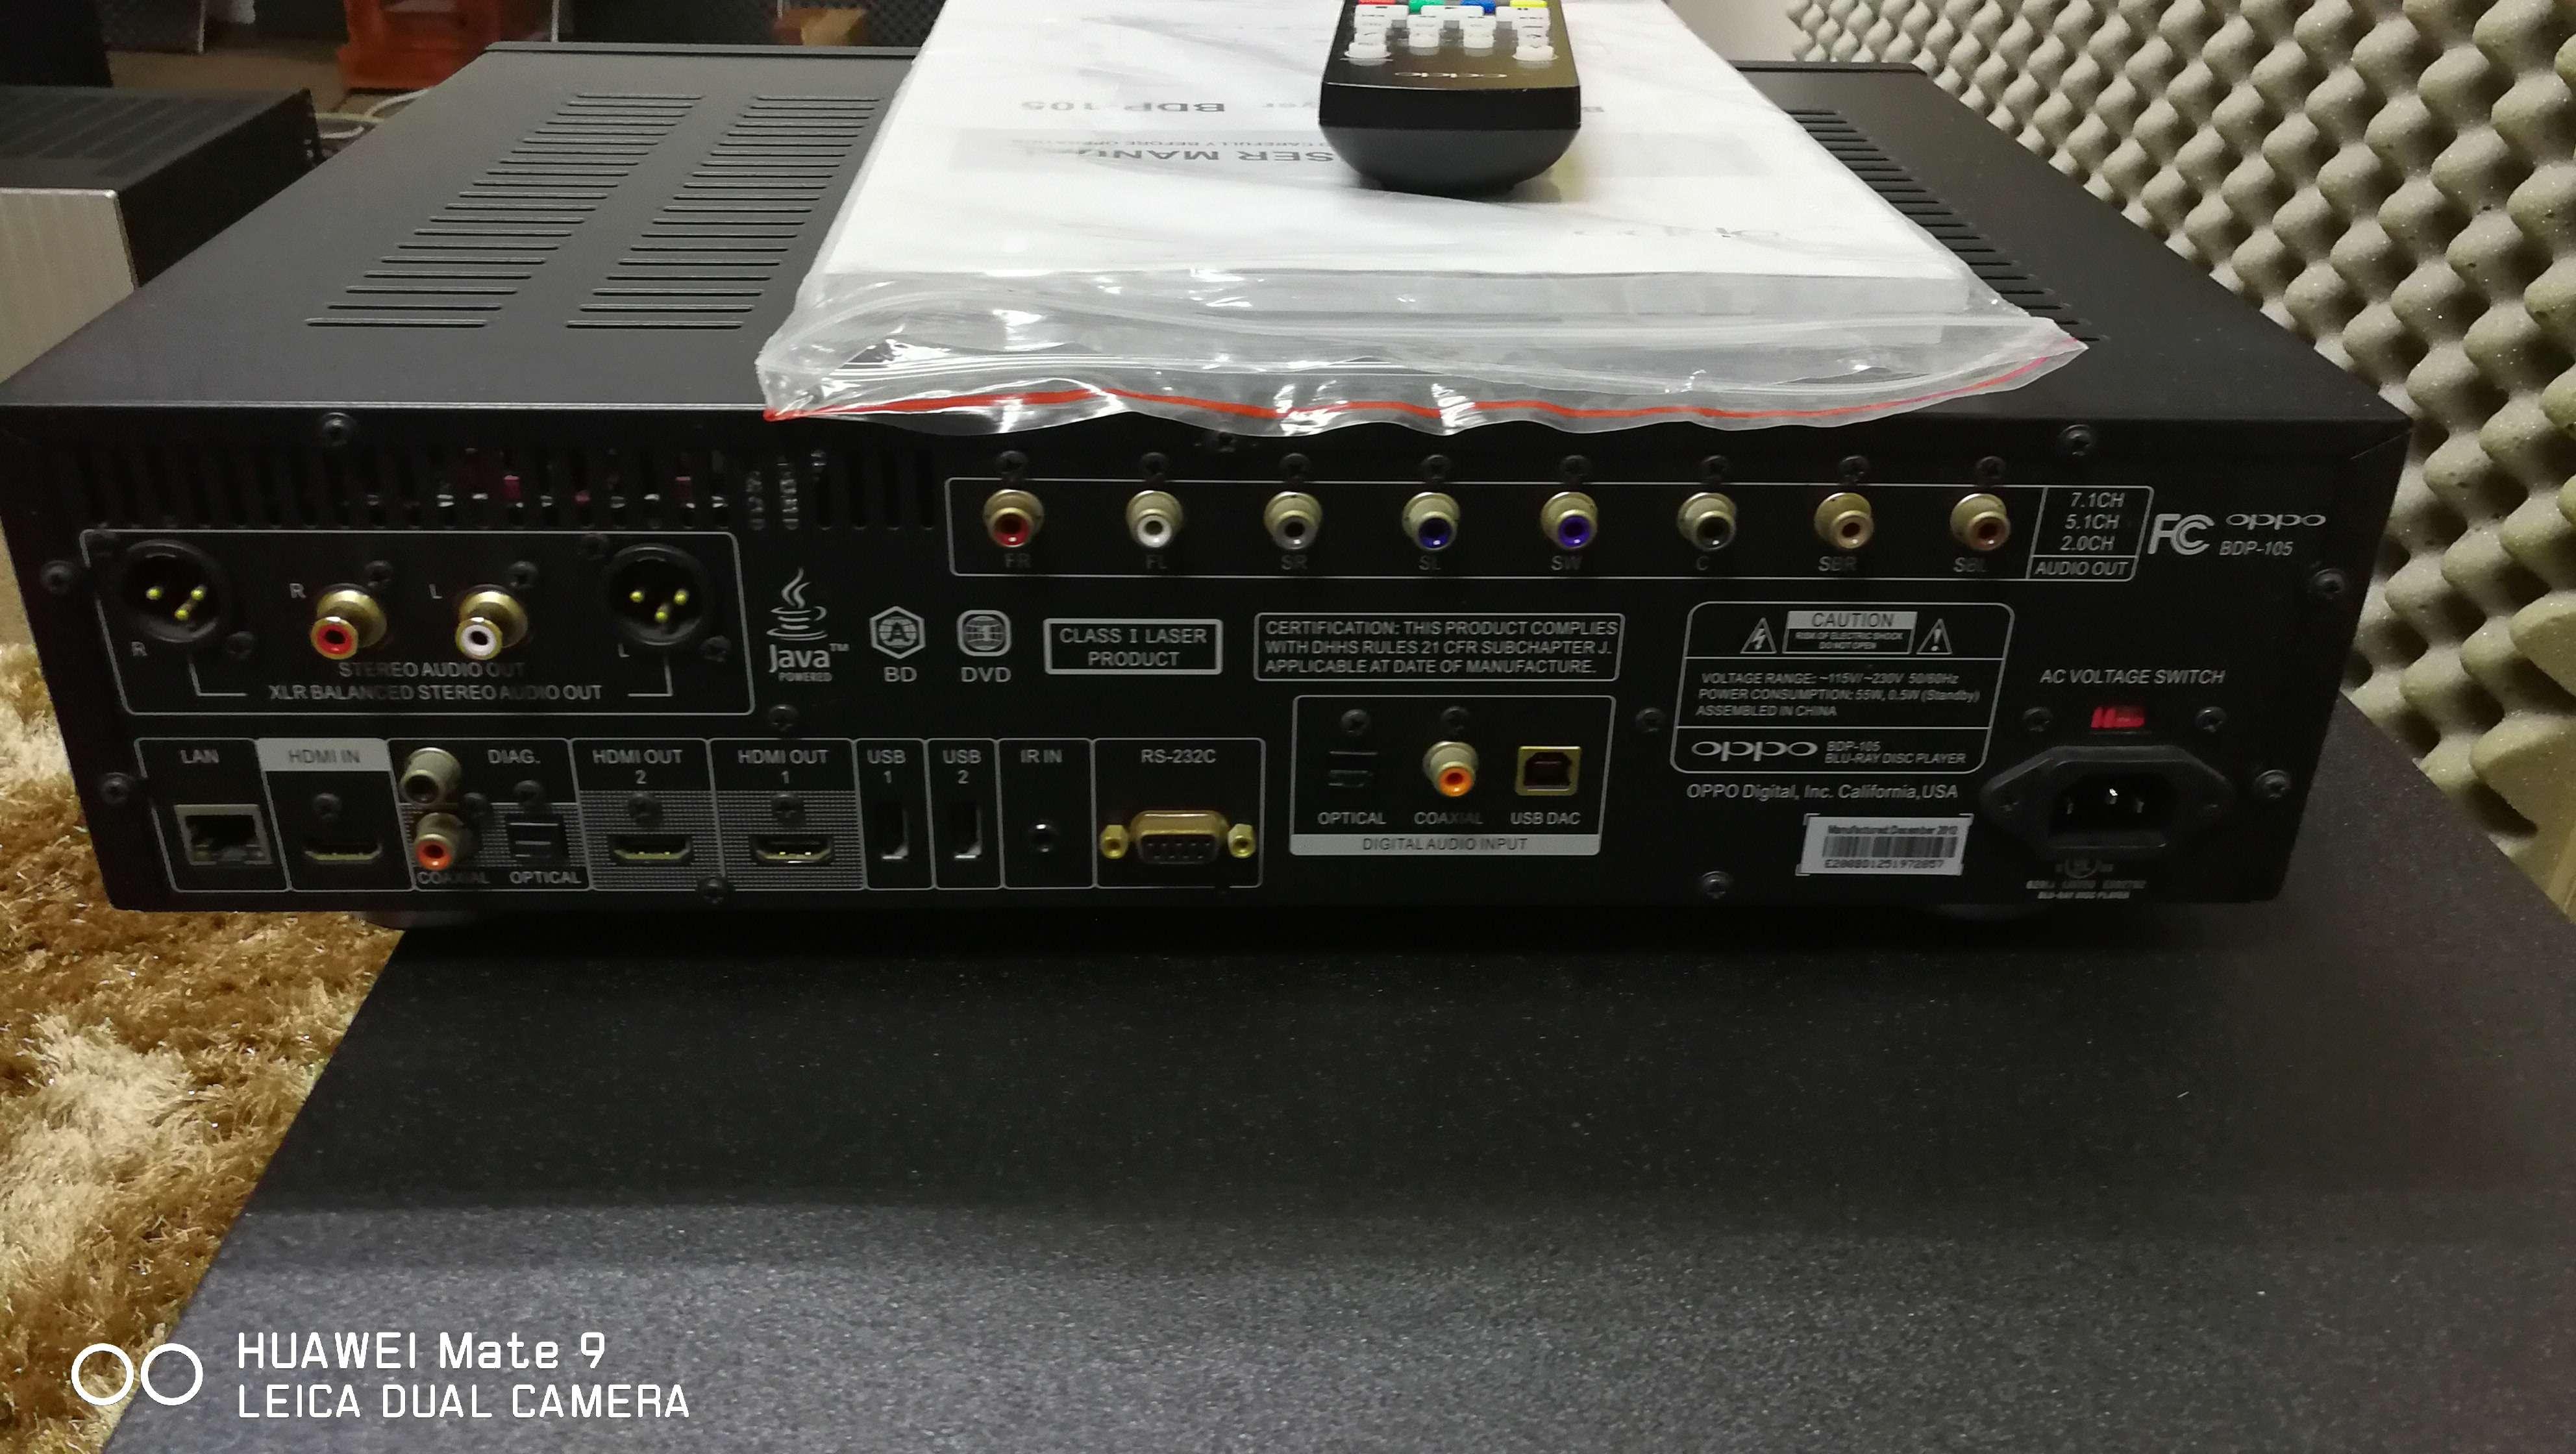 Oppo-105  bluray player Img_2027